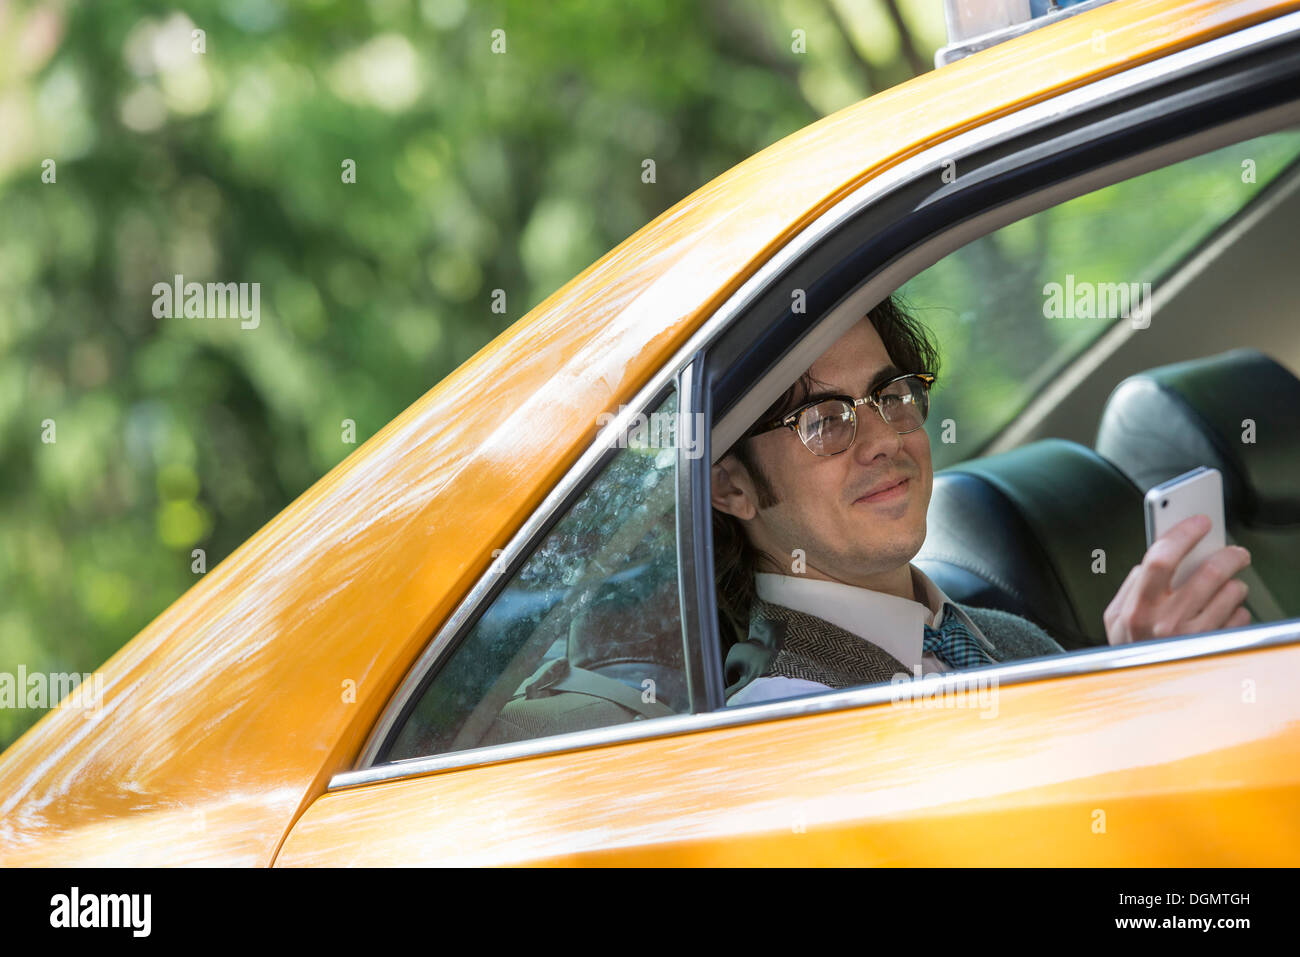 La vita della città. Le persone in movimento. Un giovane uomo nel sedile posteriore di un taxi. Immagini Stock